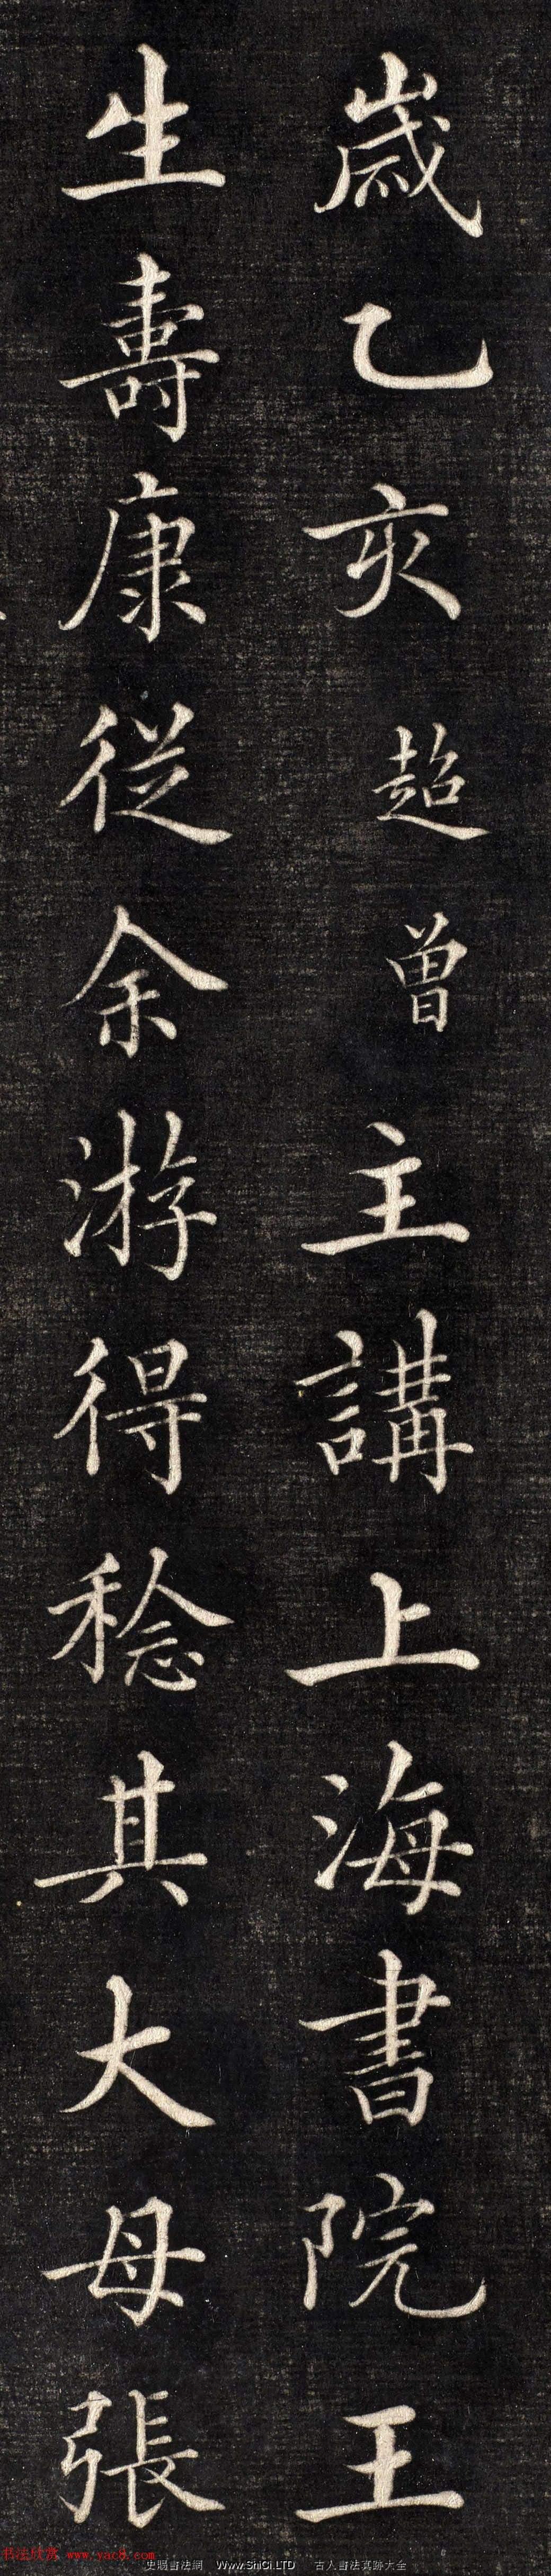 知縣蔣超曾小楷《拜觀謹跋節孝事實圖》(共6張圖片)